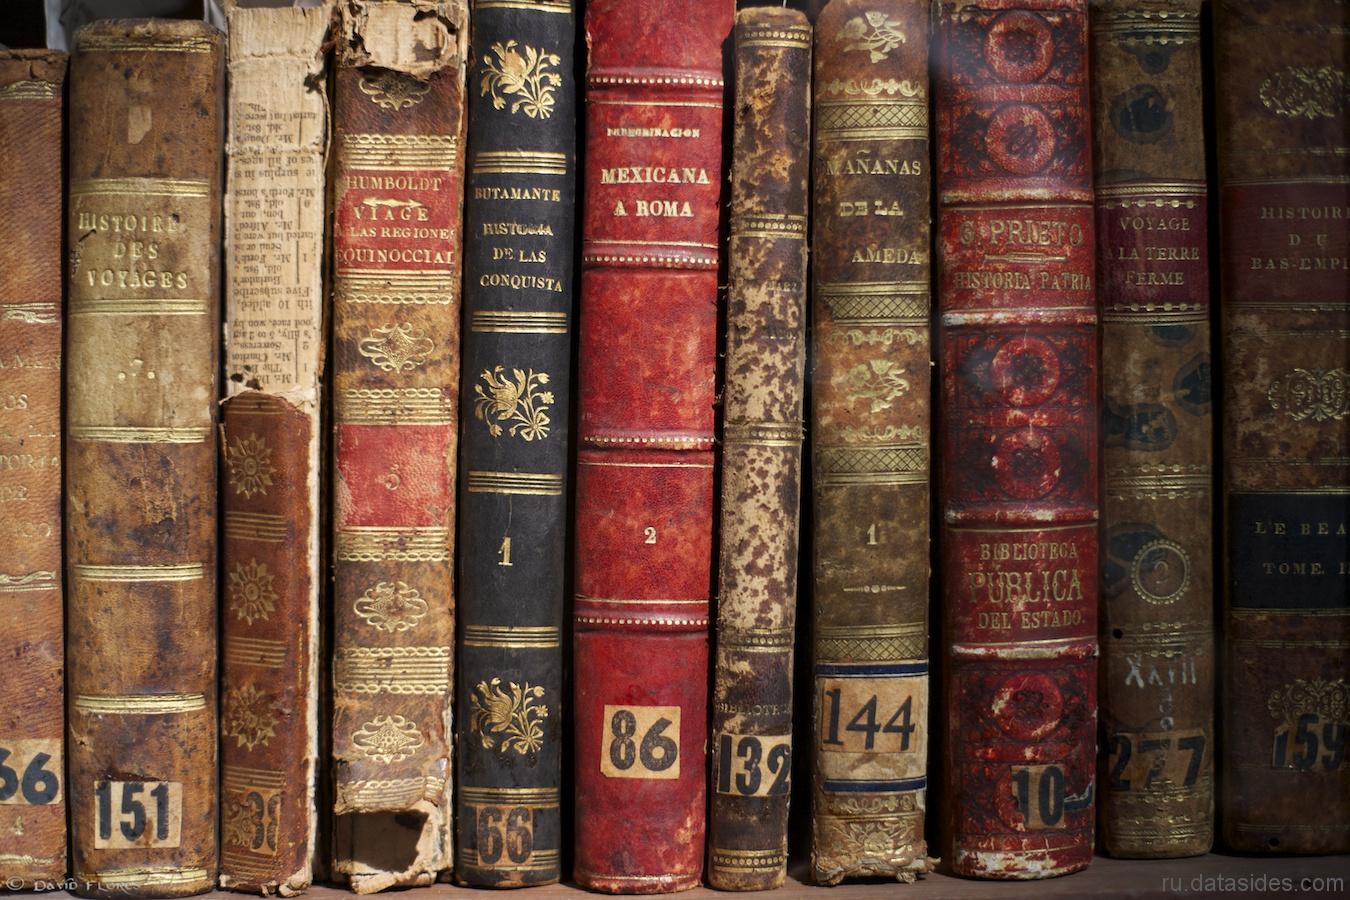 30 книг оBig Data ианализе данных |DataSides